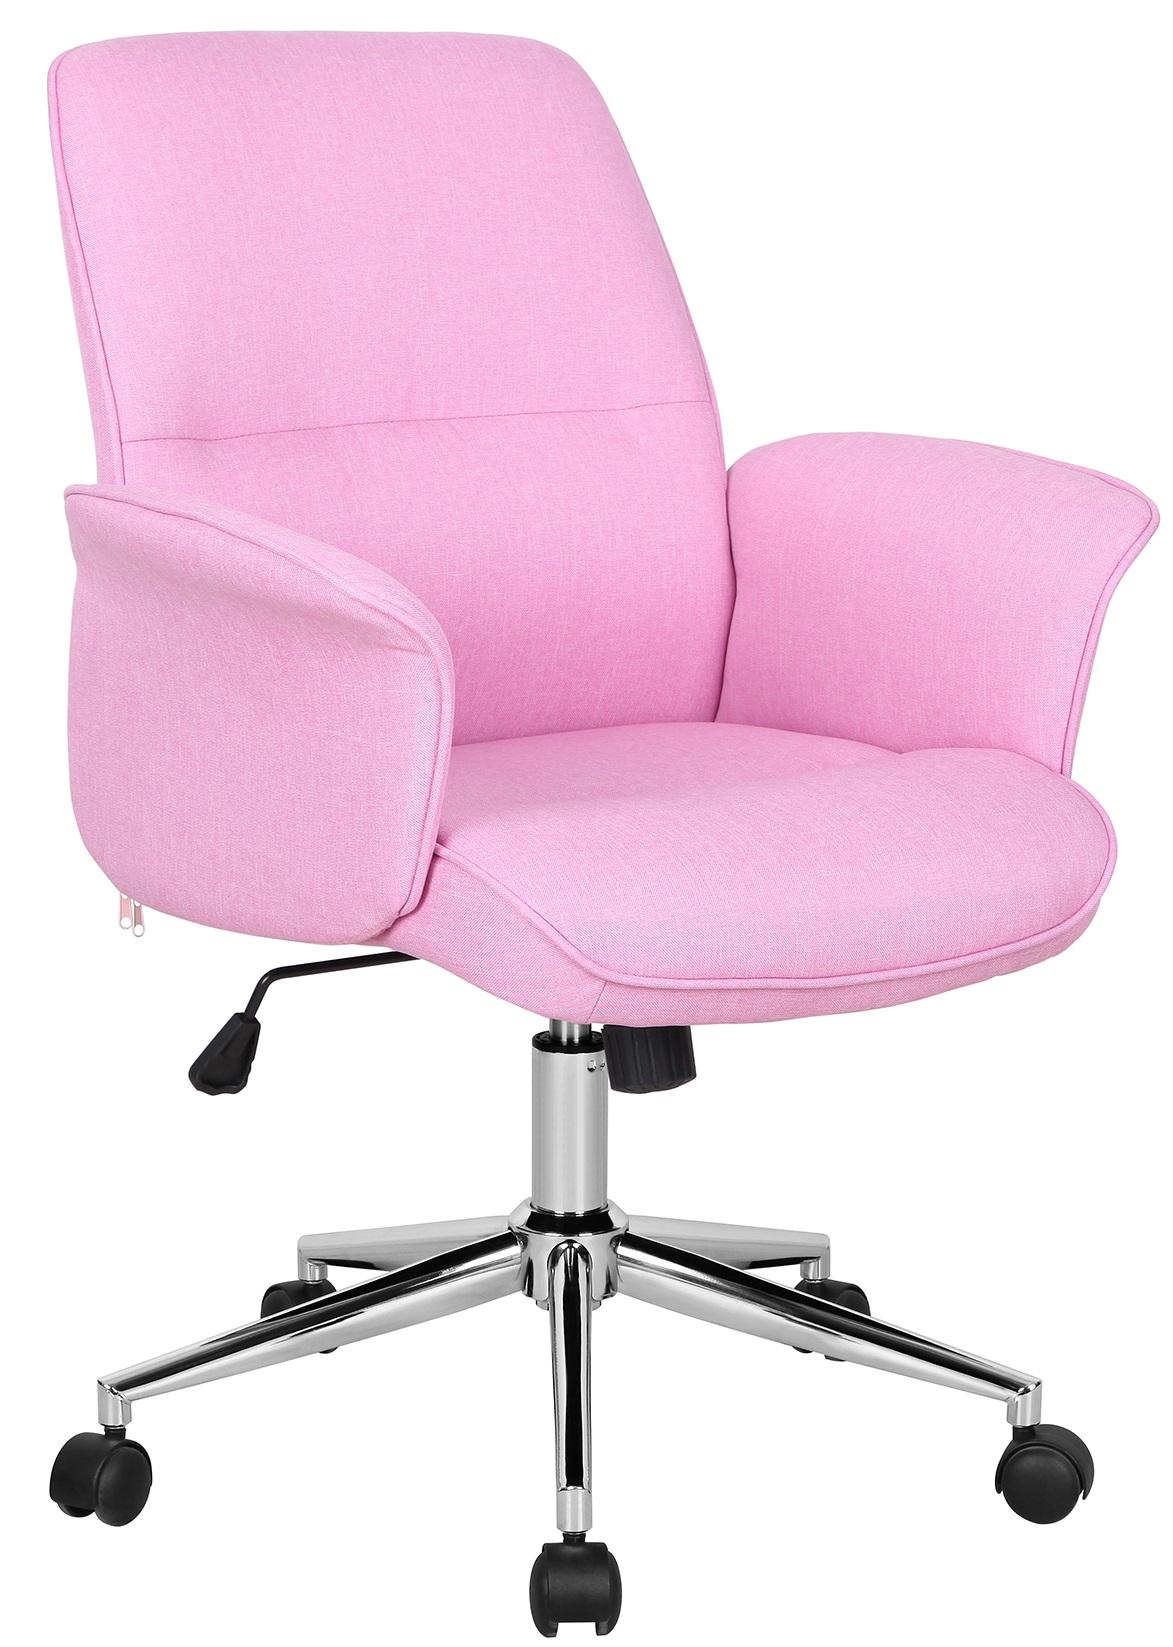 Sixbros poltrona sedia ufficio sedia girevole 0704m for Sedia poltrona ufficio